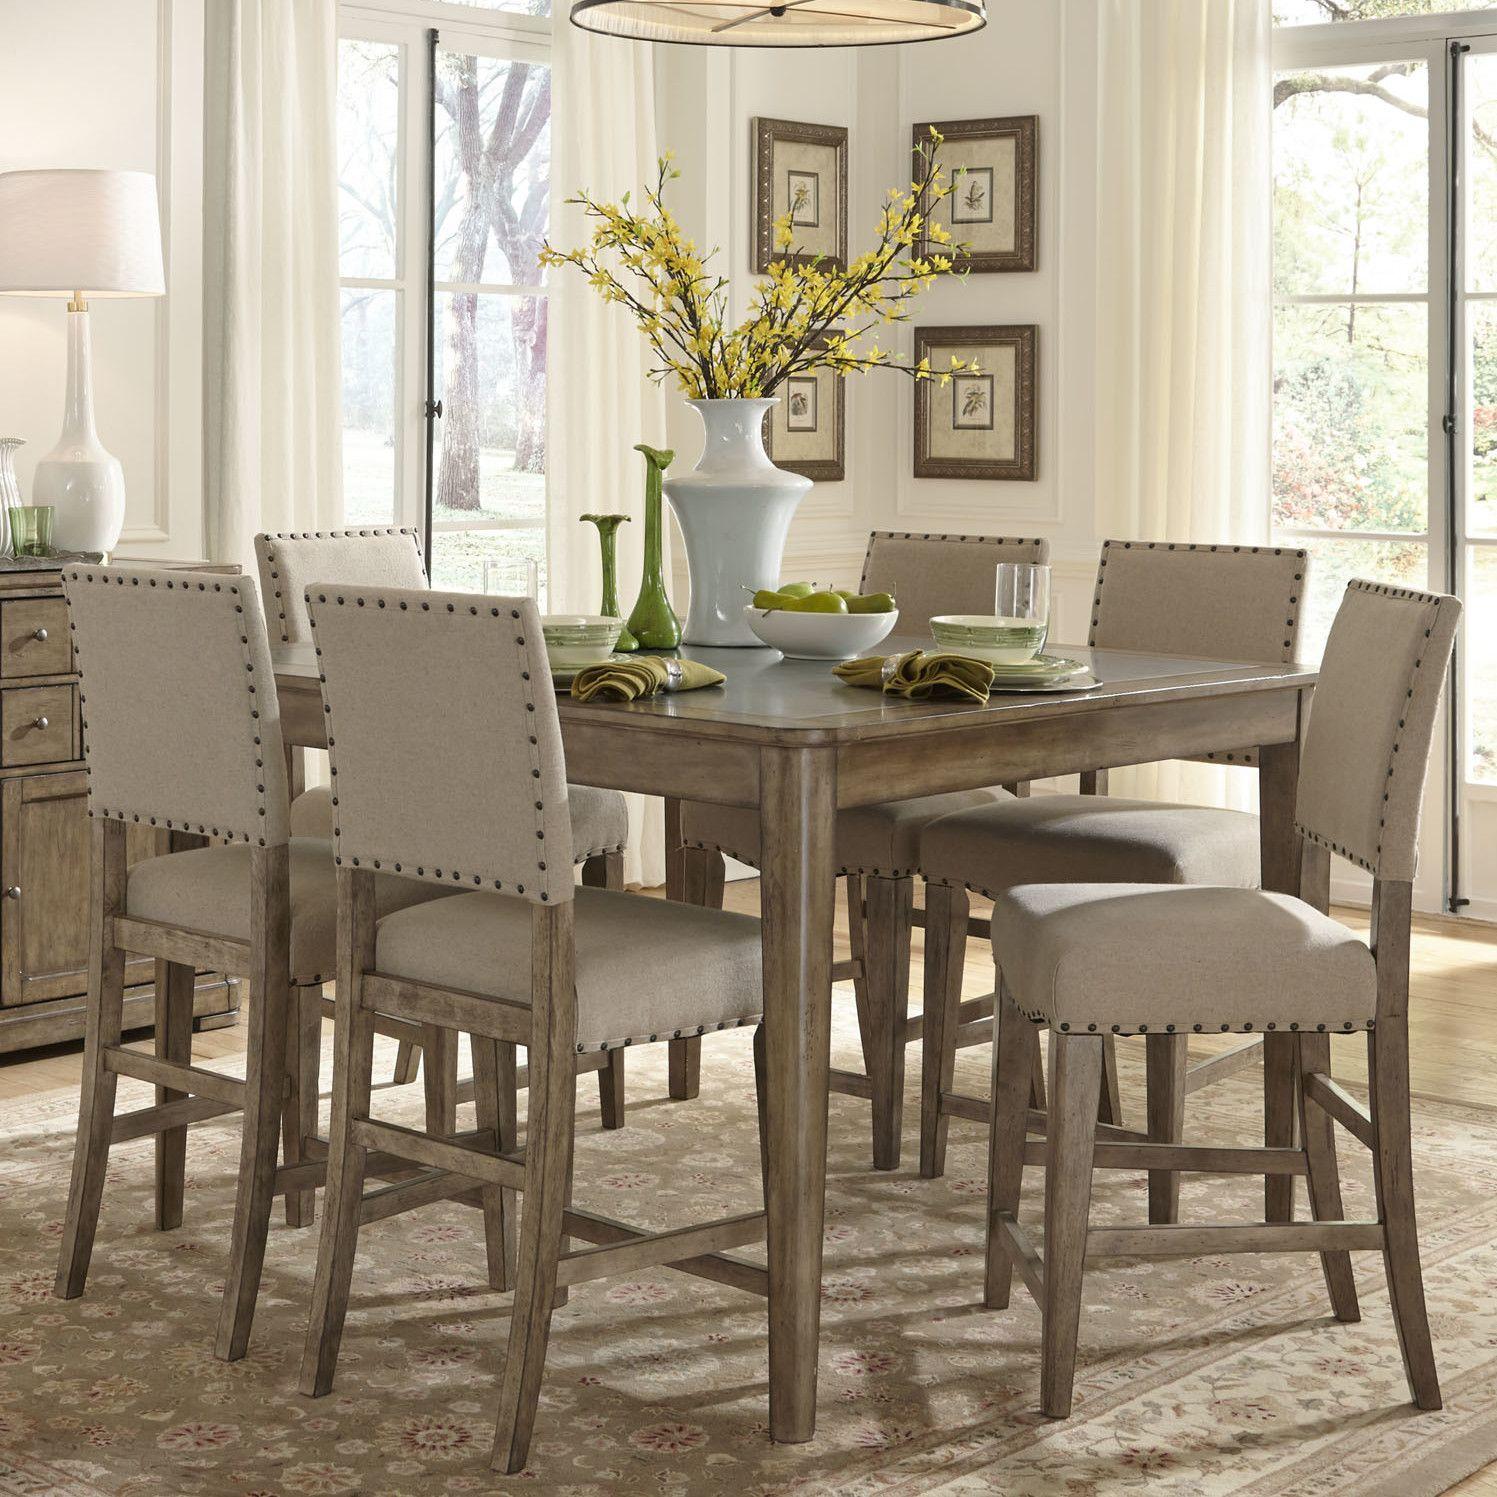 Liberty Furniture 7 Piece Dining Set & Reviews Wayfair